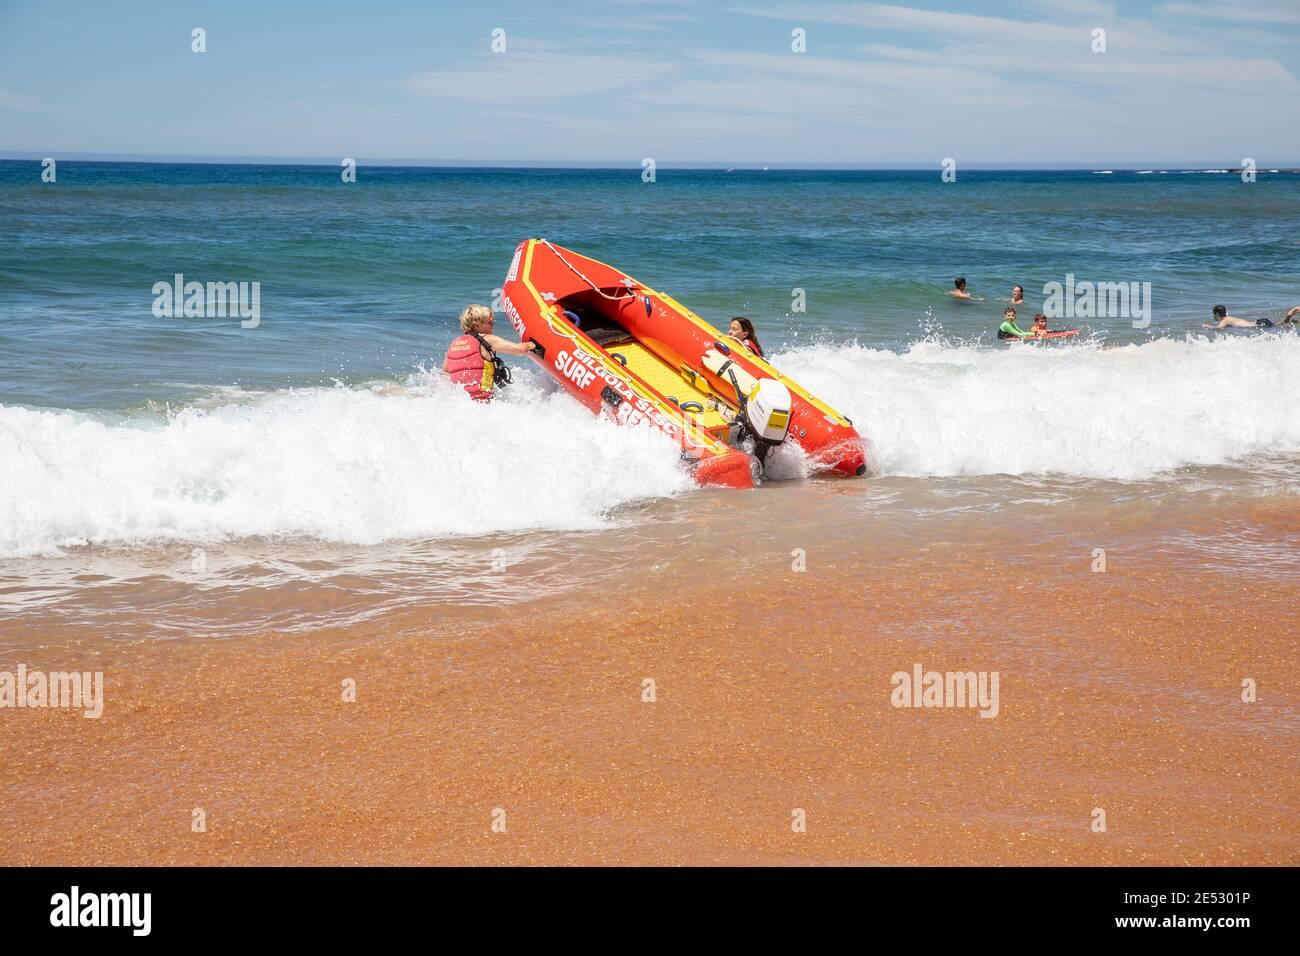 Los salvavidas de rescate de surf voluntarios lanzan rescate de surf zodiaco rojo inflable Barco en la playa de Bilgola en Sydney, Nueva Gales del Sur, Australia Foto de stock